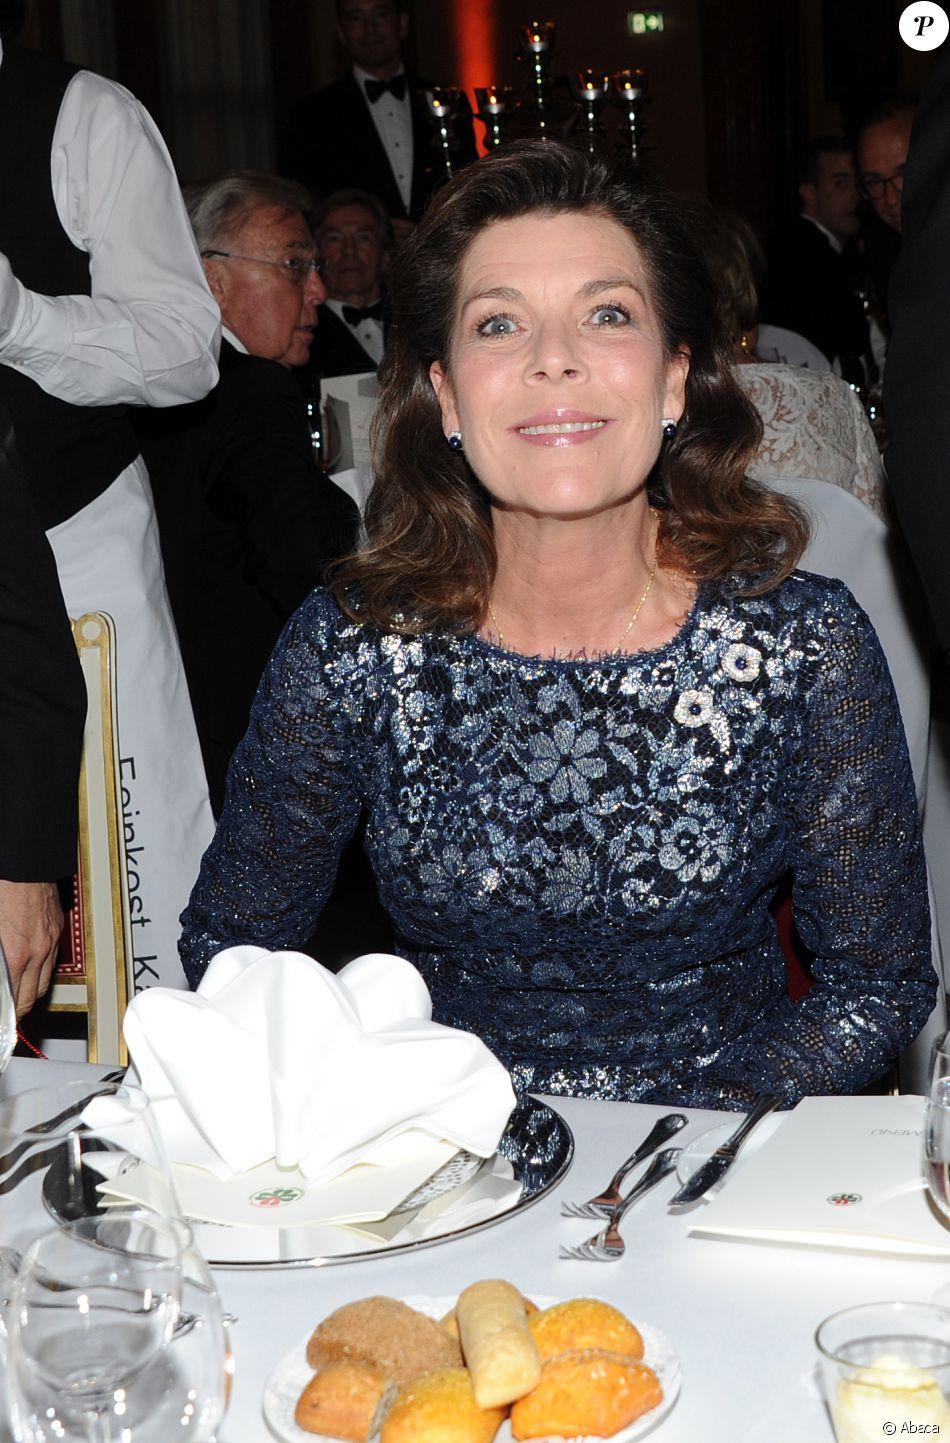 La princesse Caroline de Hanovre prenait part le 14 juin 2016 à un dîner de gala au profit de l'AMADE et de la Fondation Roland Berger à la résidence de Munich, en Allemagne. Photo by Ursula Dueren/DPA/ABACAPRESS.COM